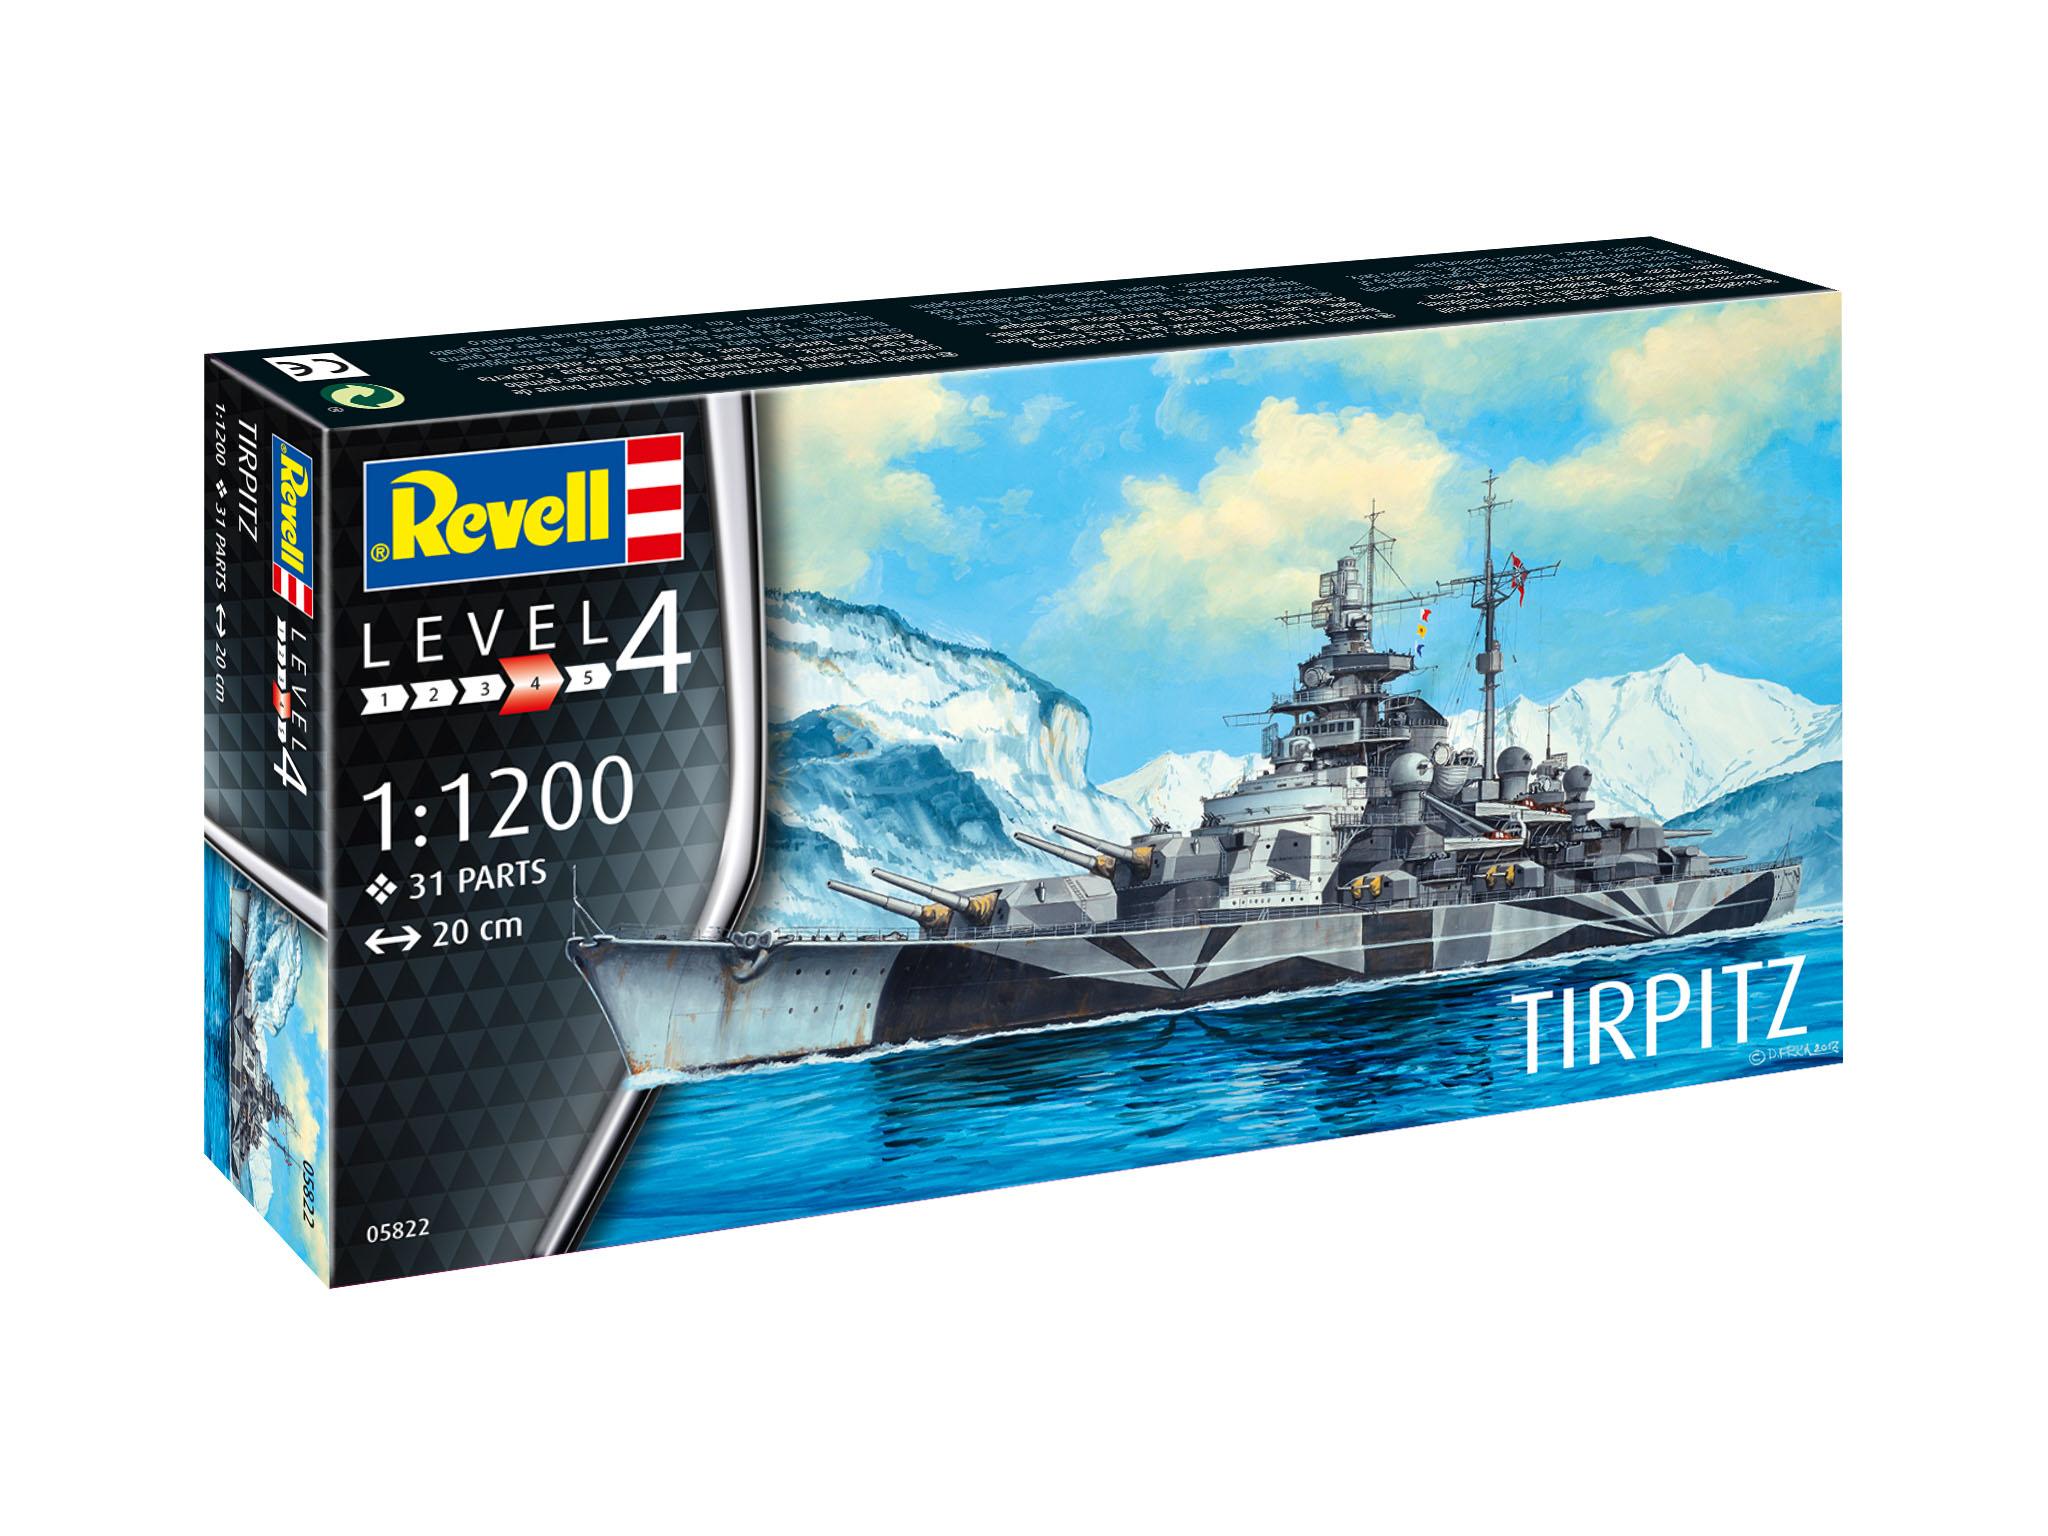 1:1200 Scale Revell 65822 Model Set Tirpitz Multi Colour